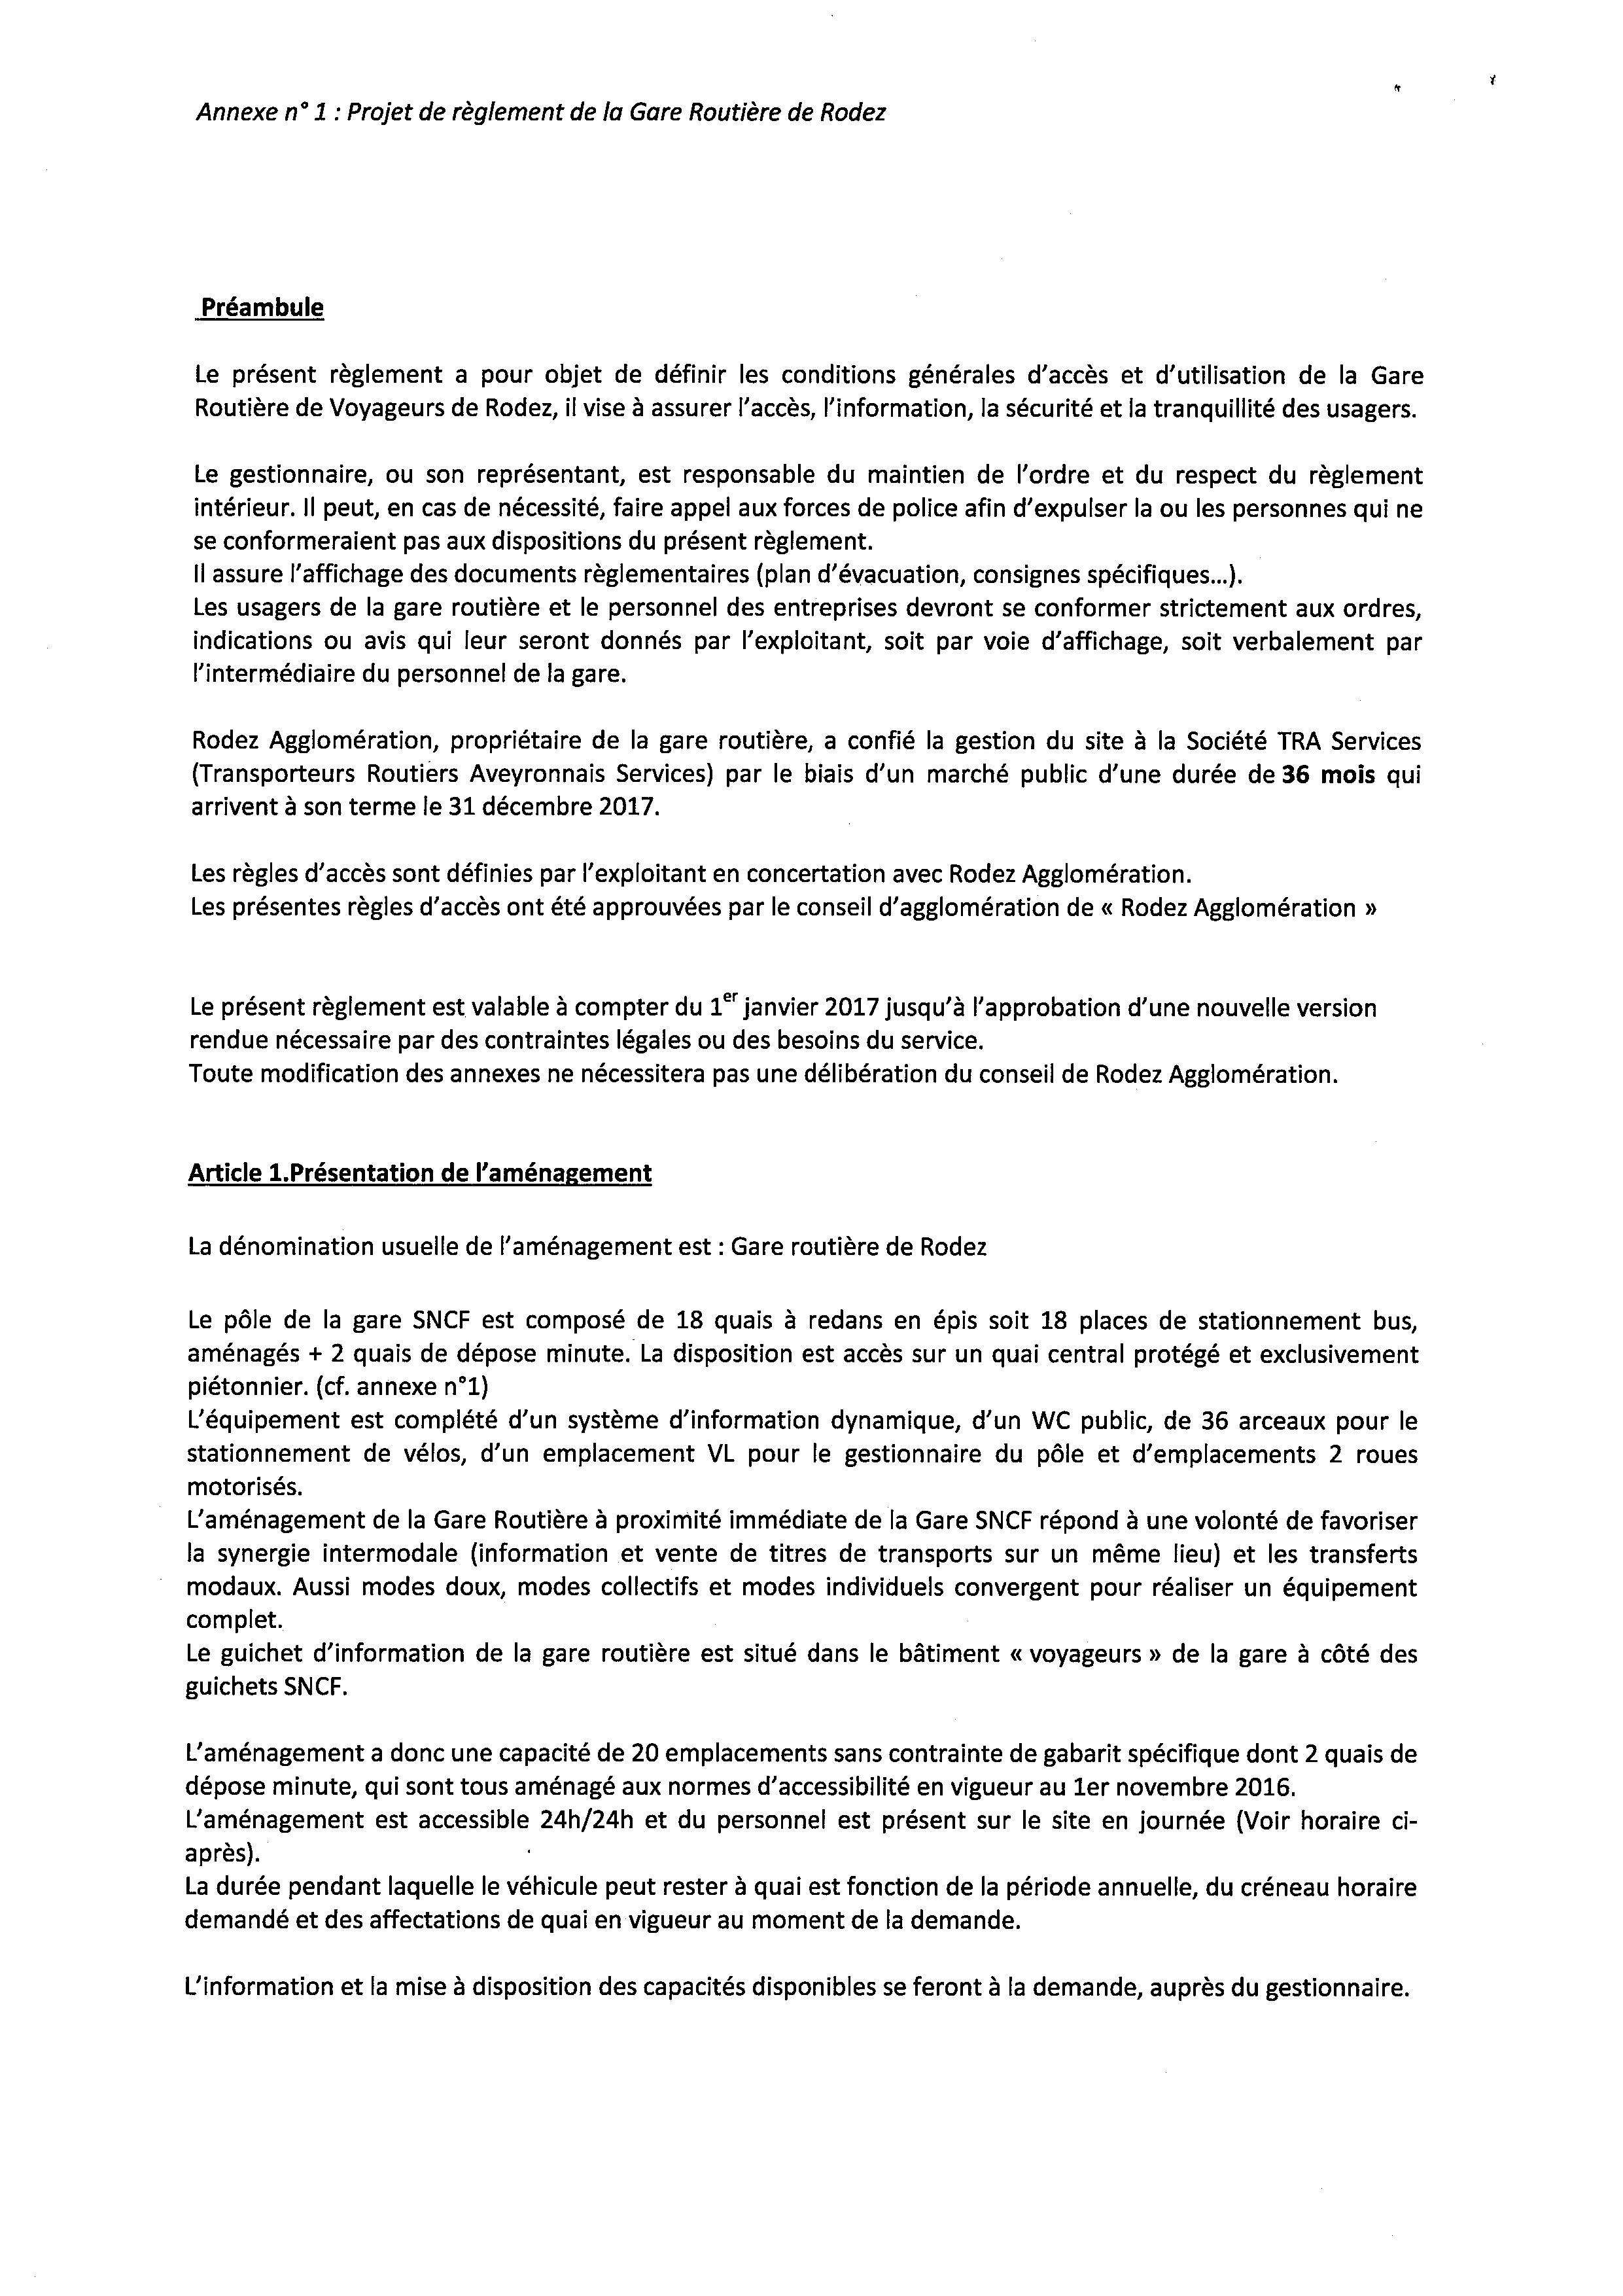 réglement-exploitation-GR-Rodez-p2